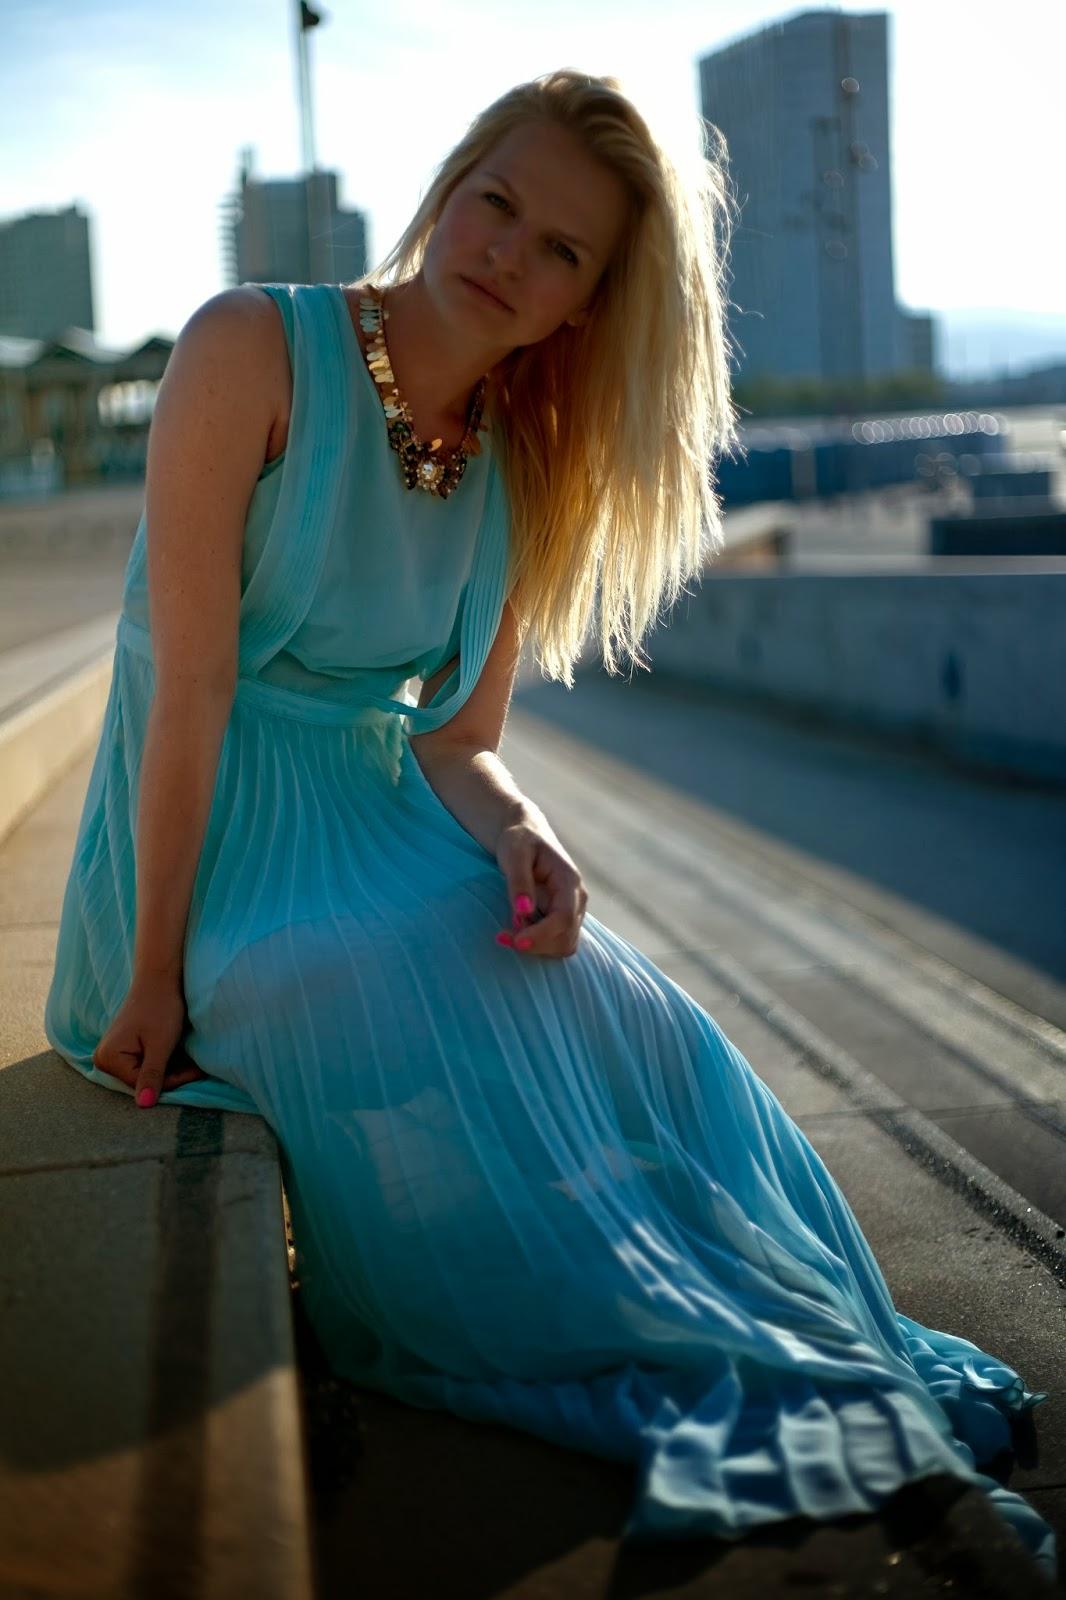 Ирина Павлова блог,модель,блогге,лучший блоггер